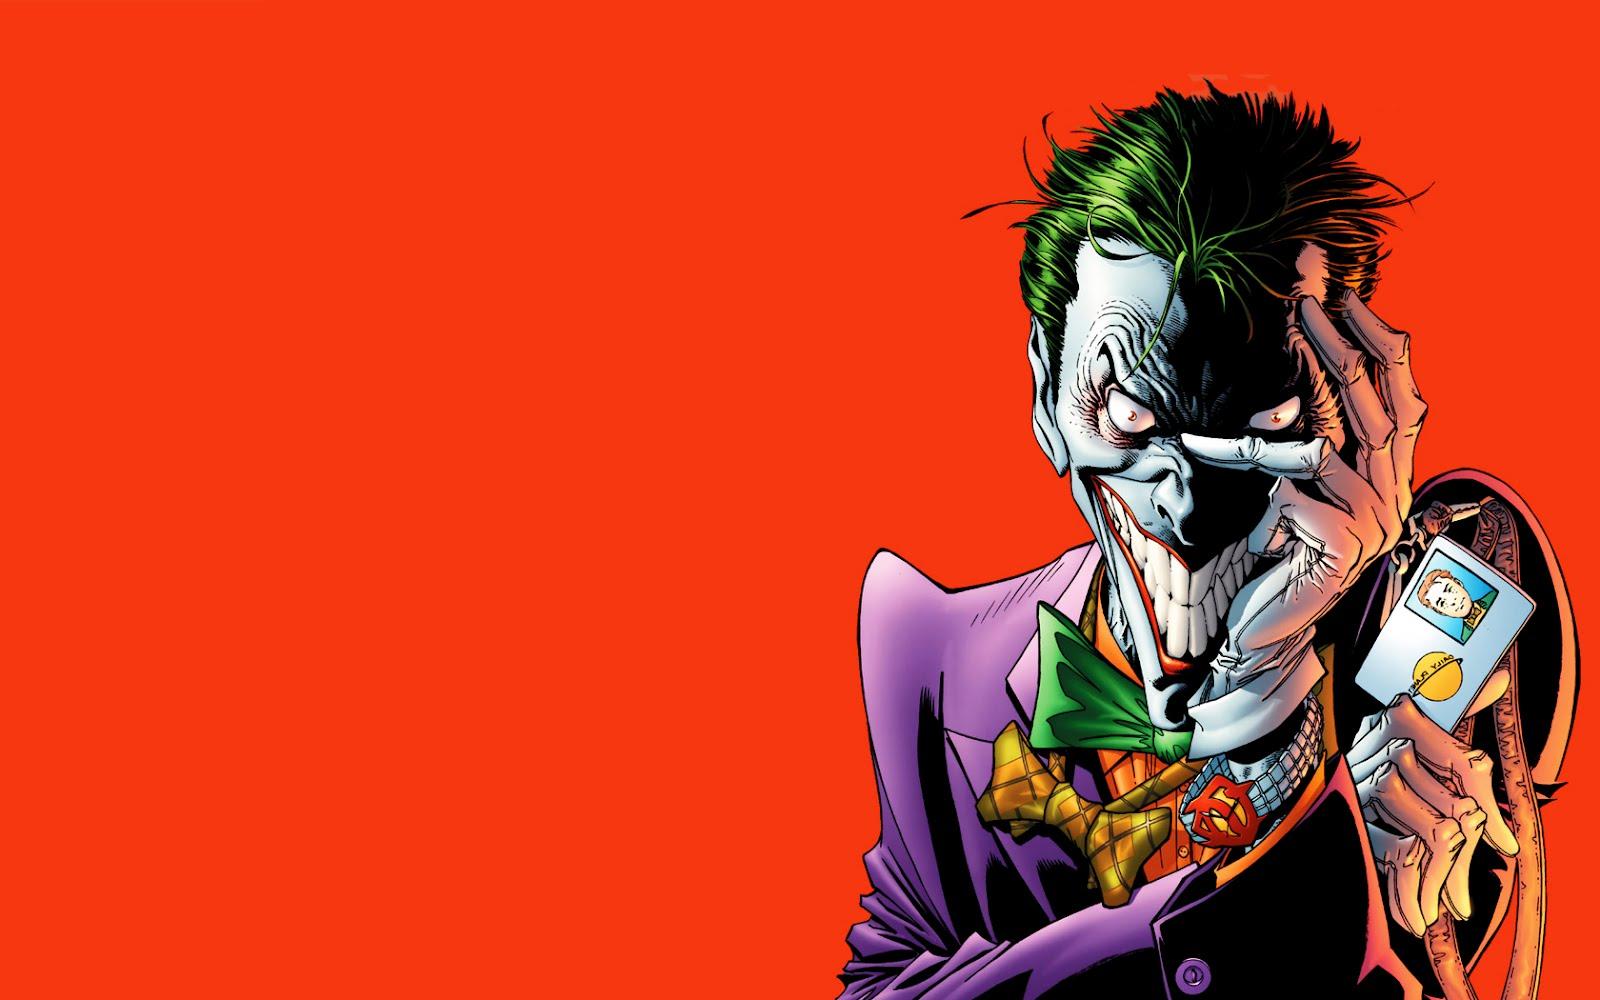 Amazing Wallpaper Halloween Joker - joker-for-the-halloween  Pic_615691.jpg